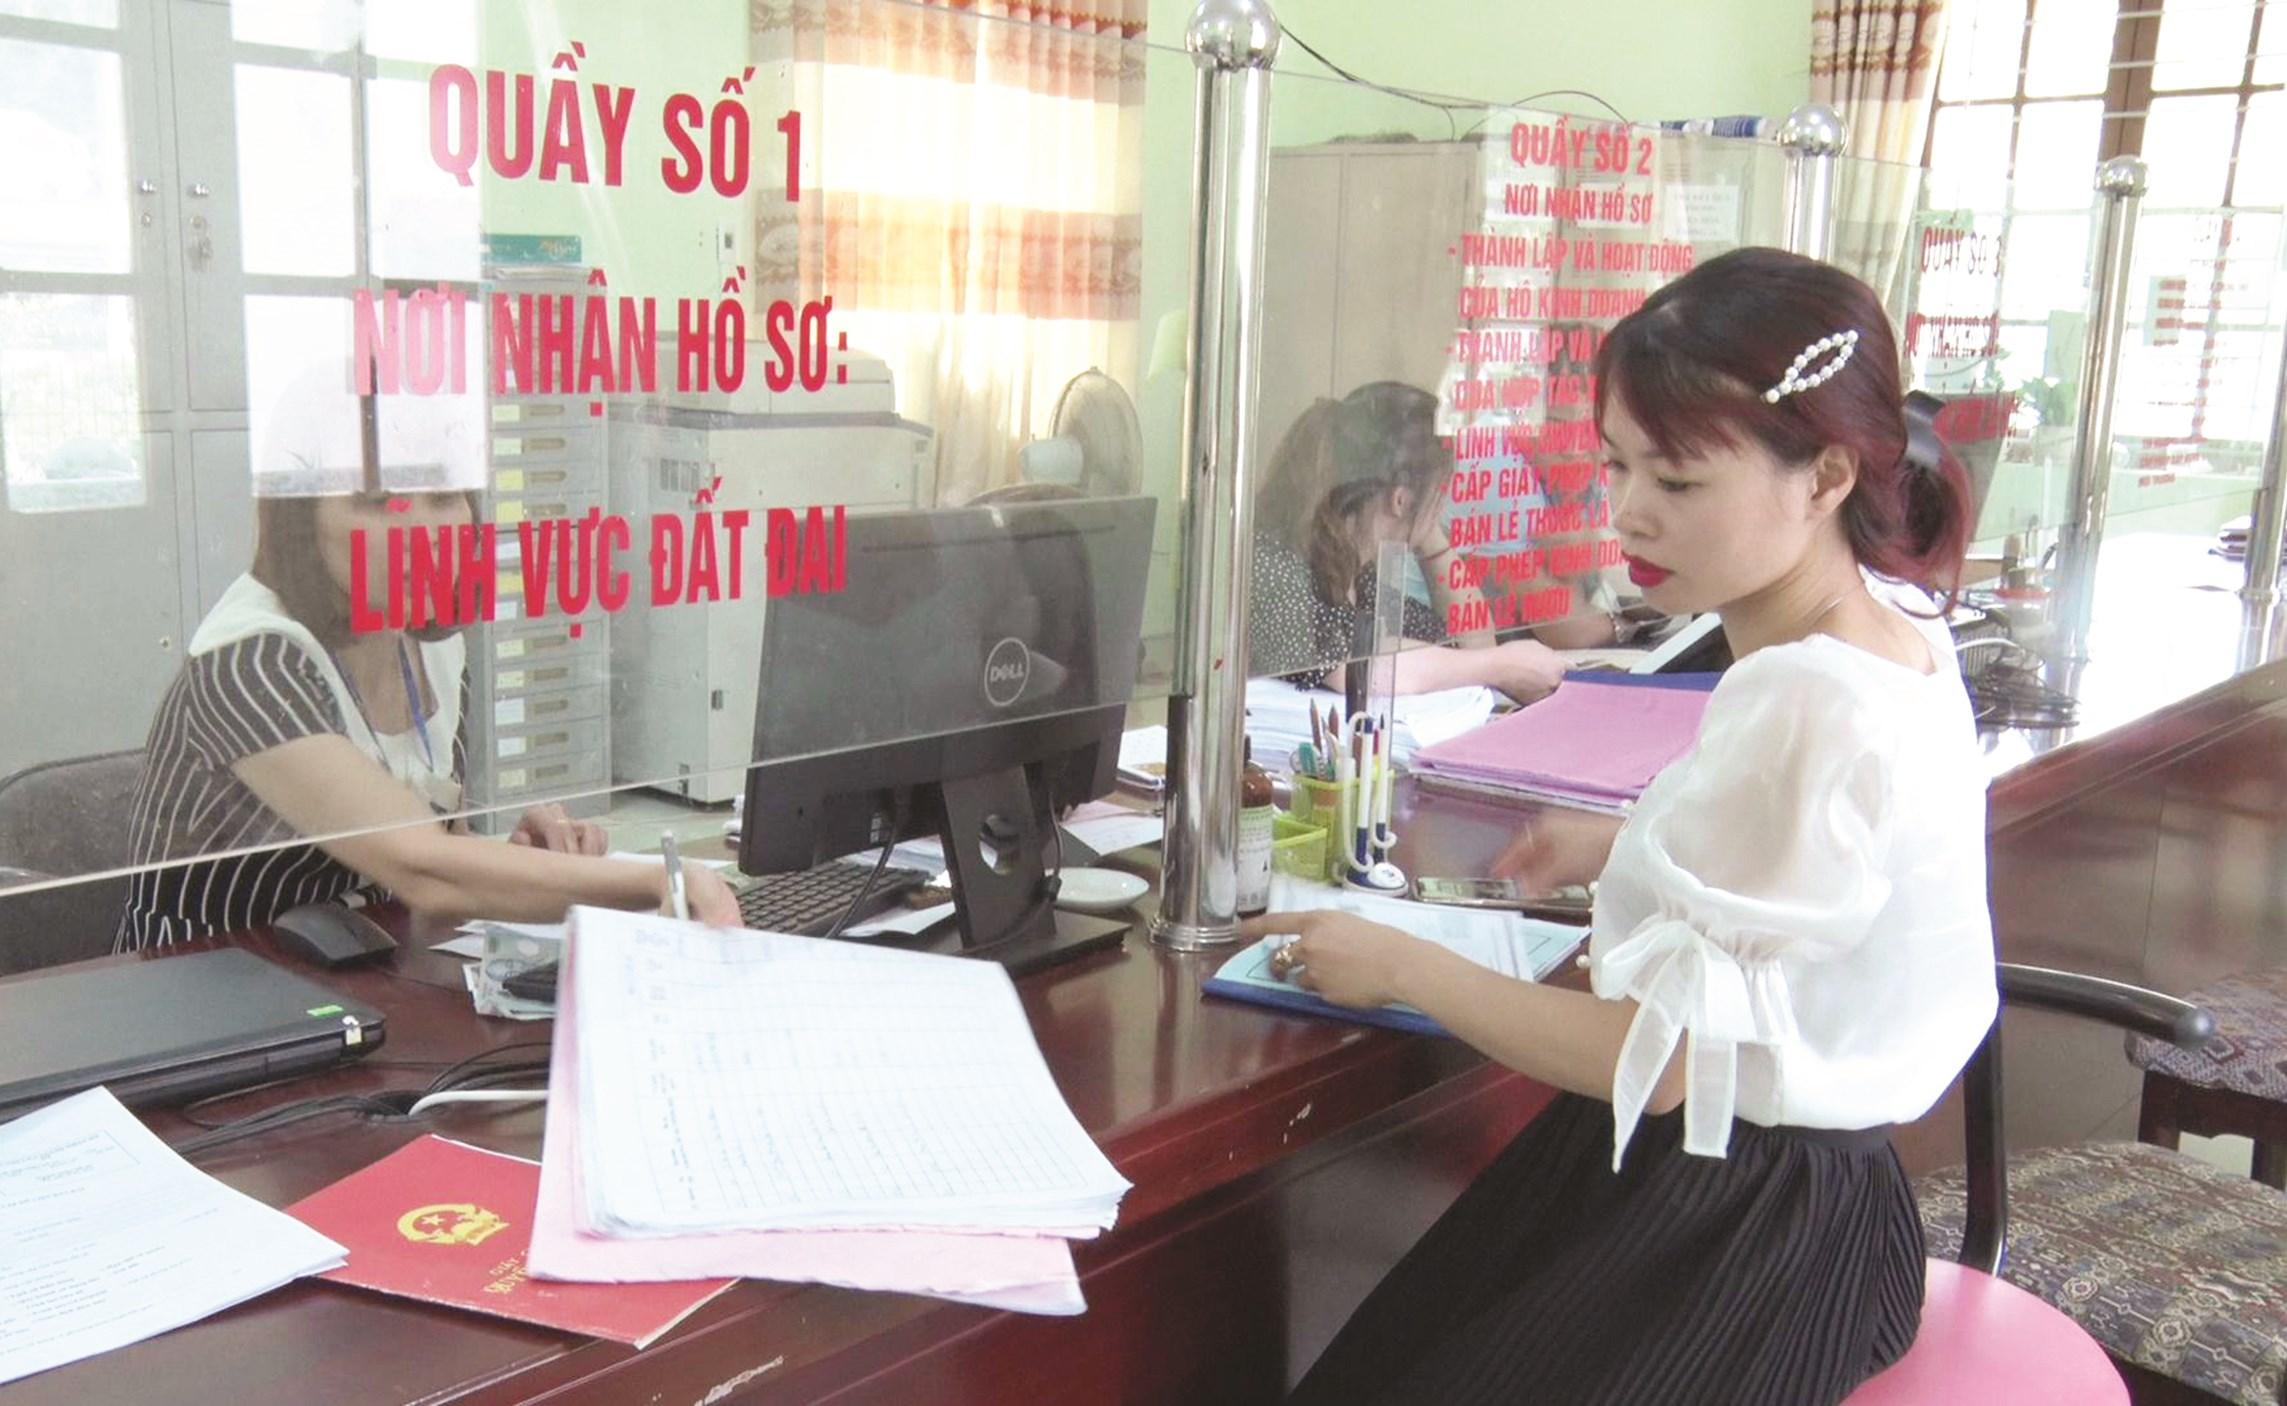 Đội ngũ công chức huyện Văn Quan hướng dẫn người dân làm thủ tục hành chính.